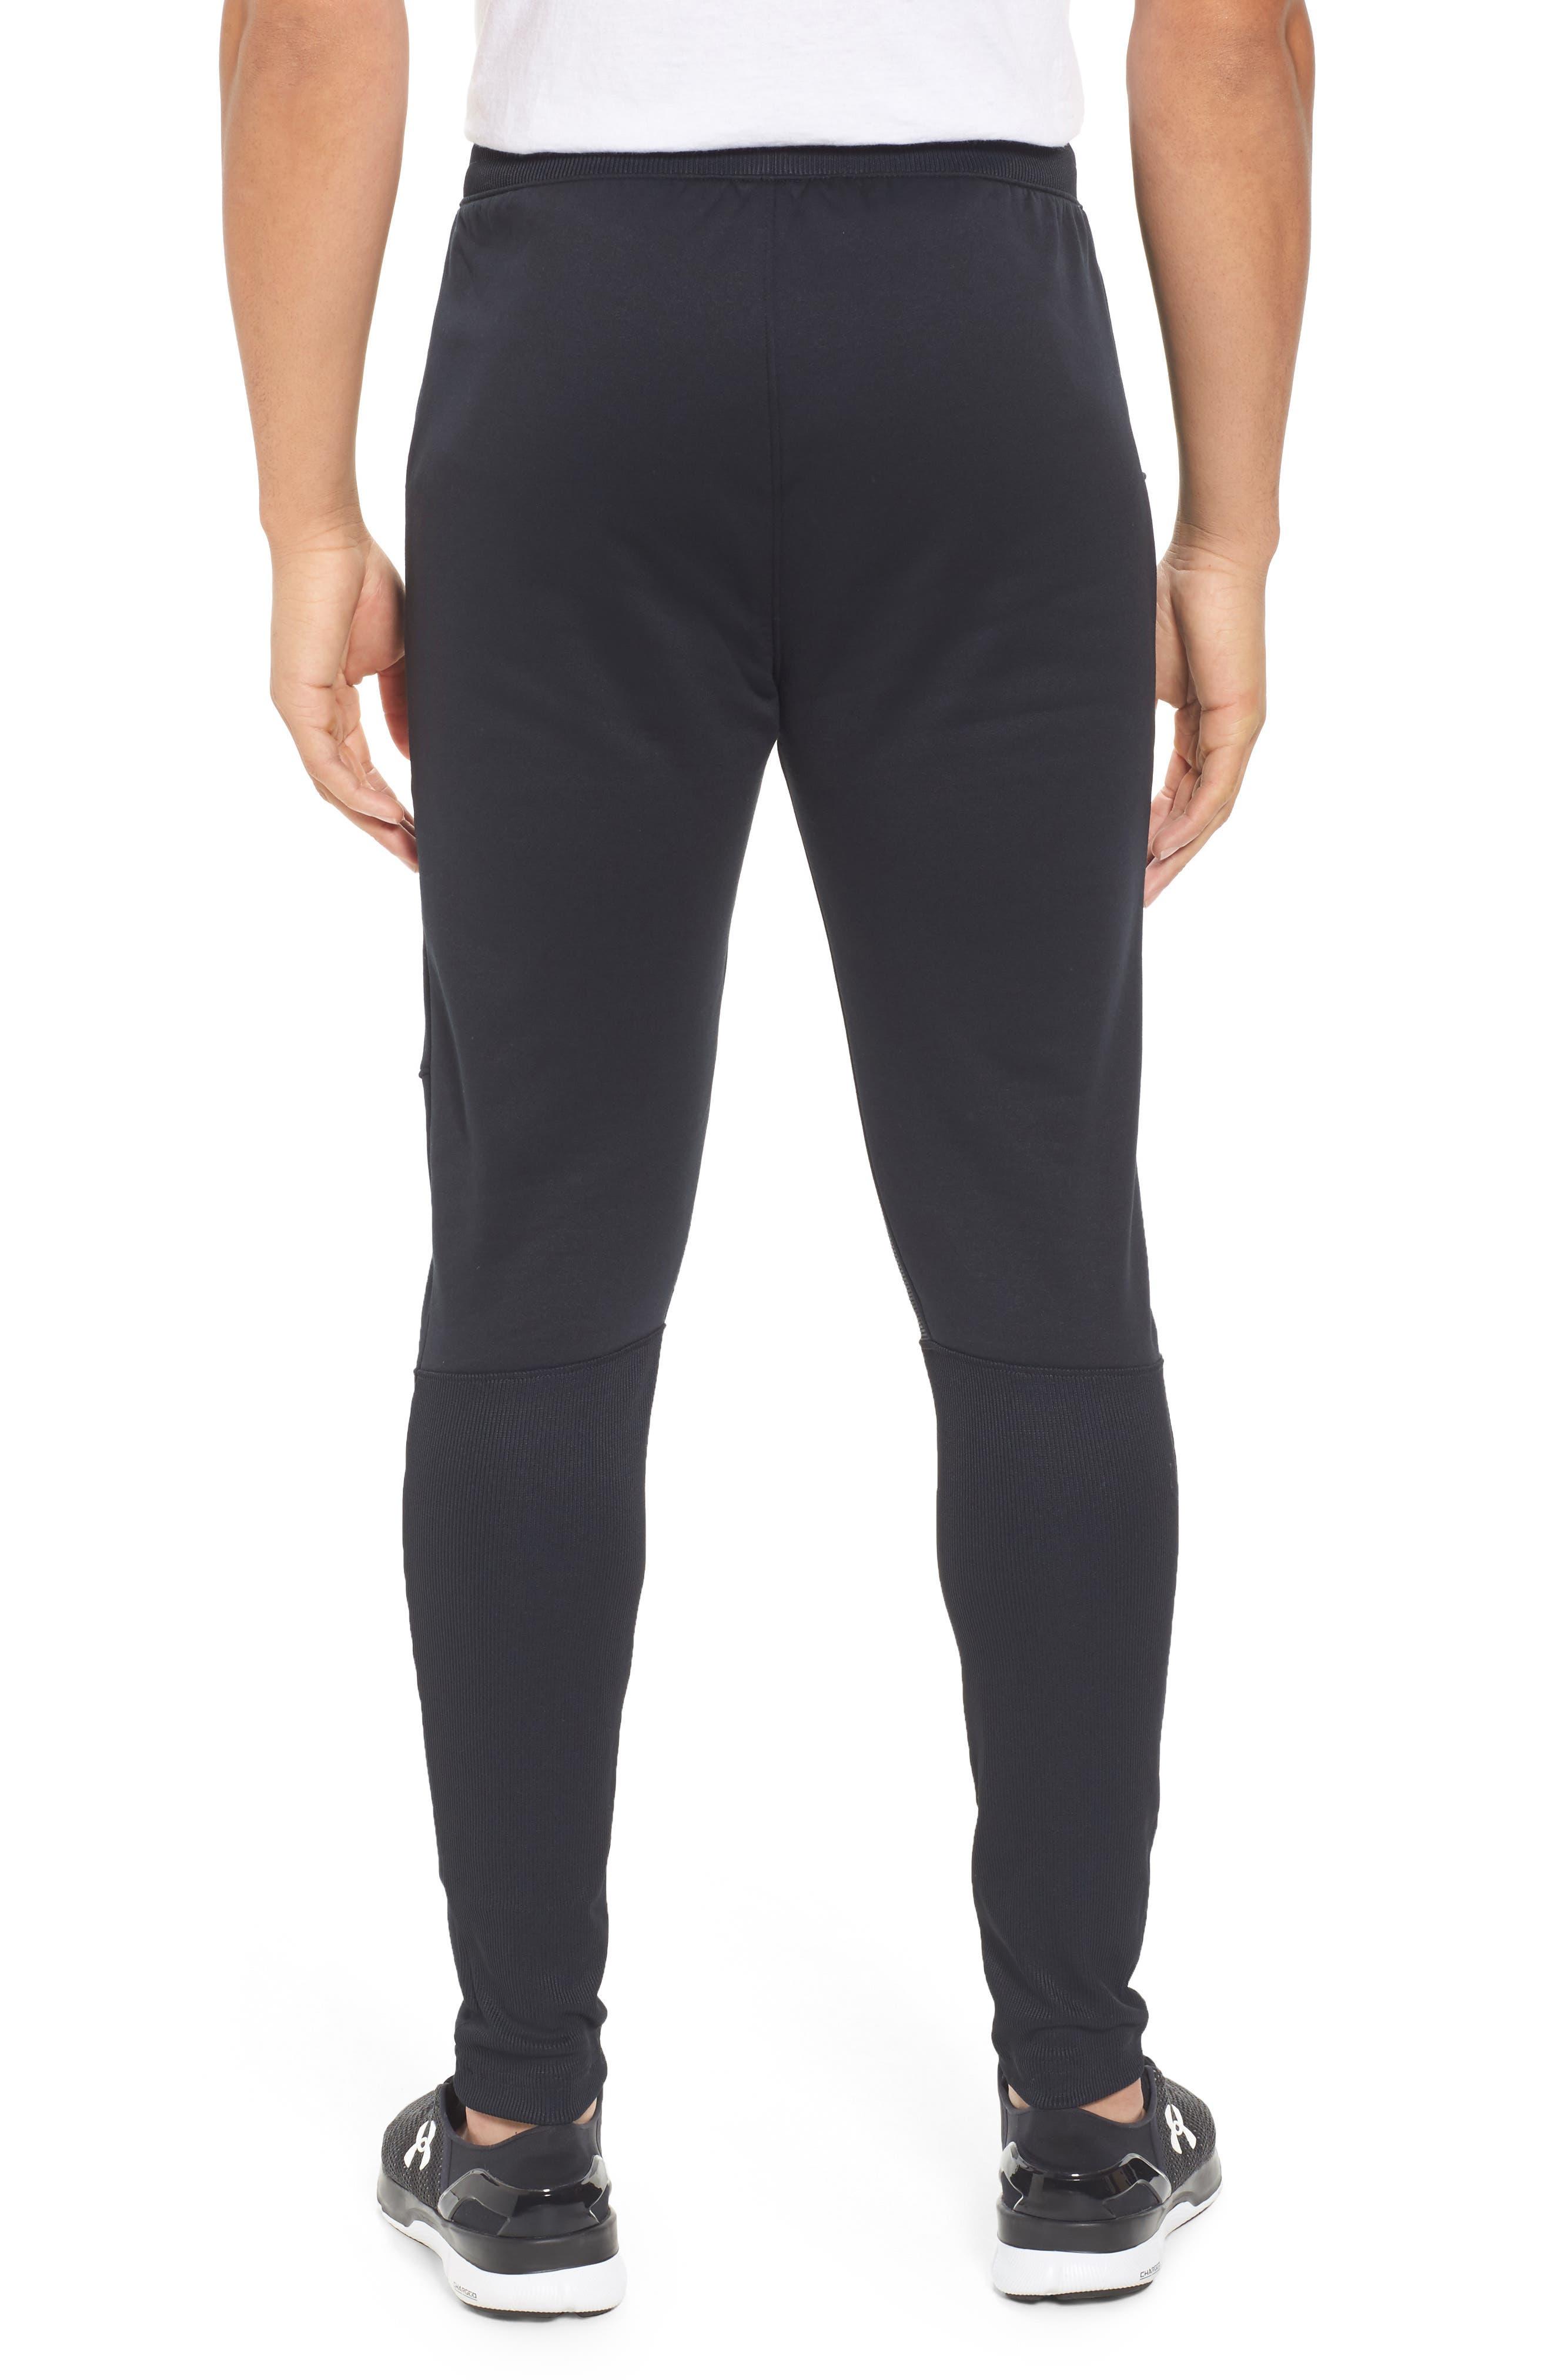 Courtside Training Pants,                             Alternate thumbnail 2, color,                             Black / Black / Black